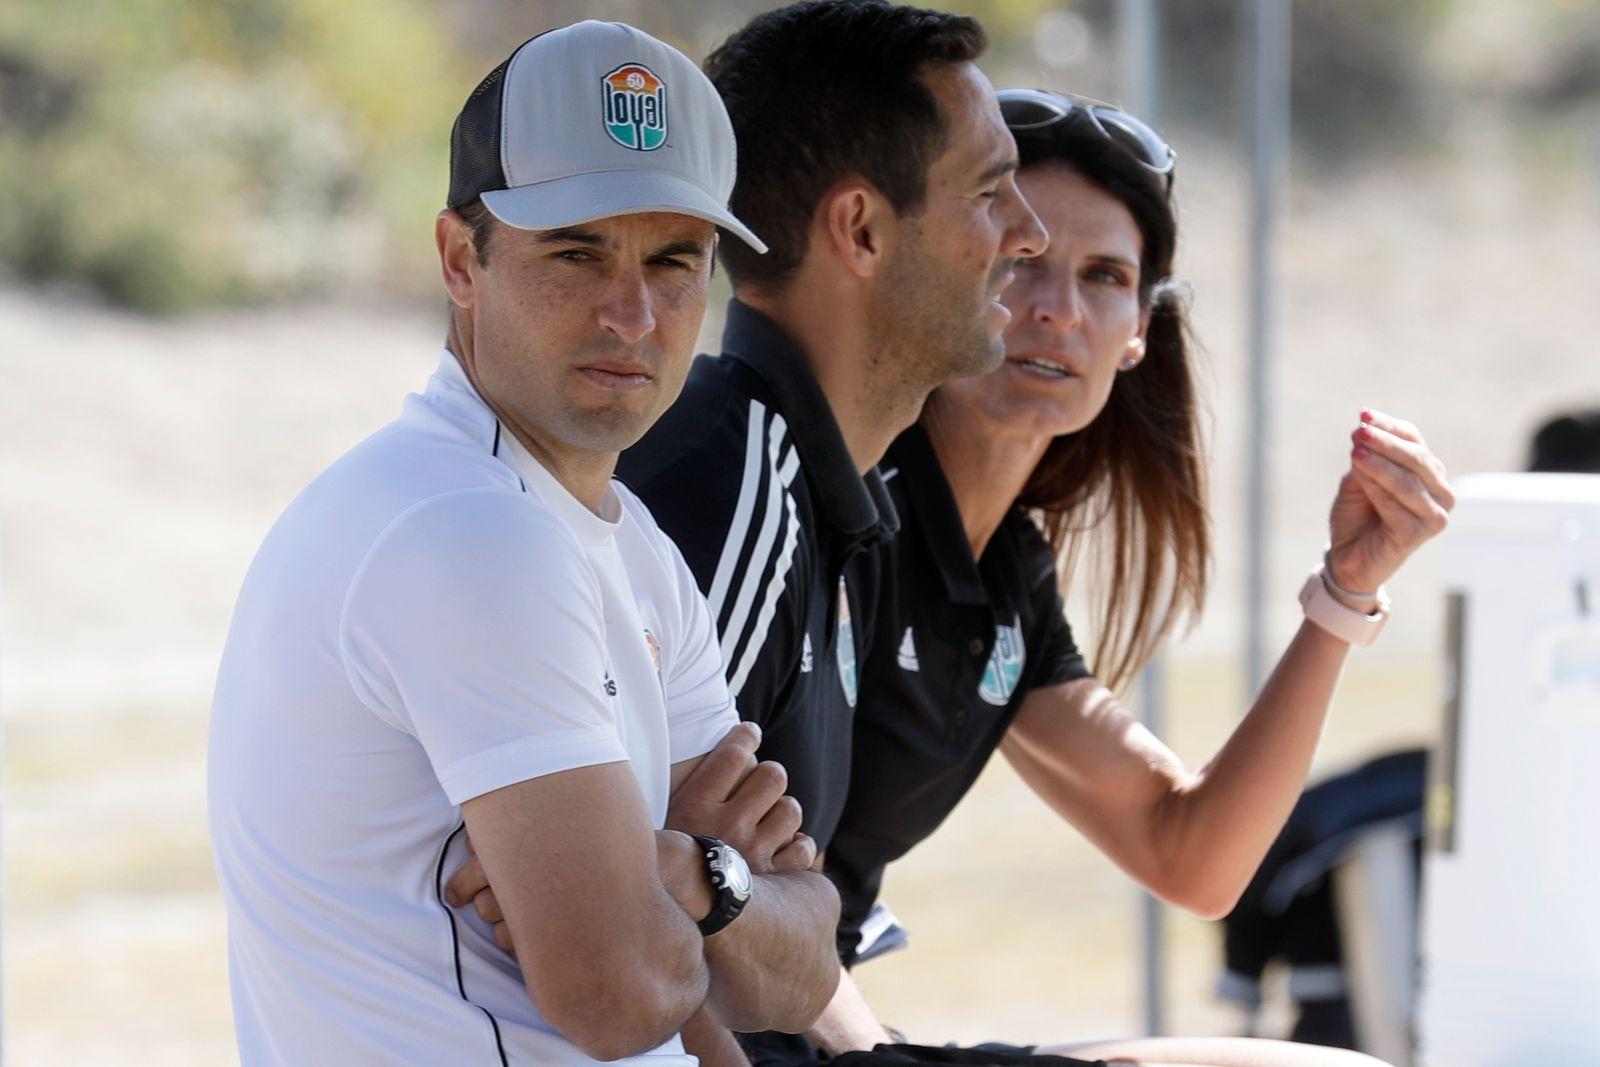 Coach Donovan Soccer